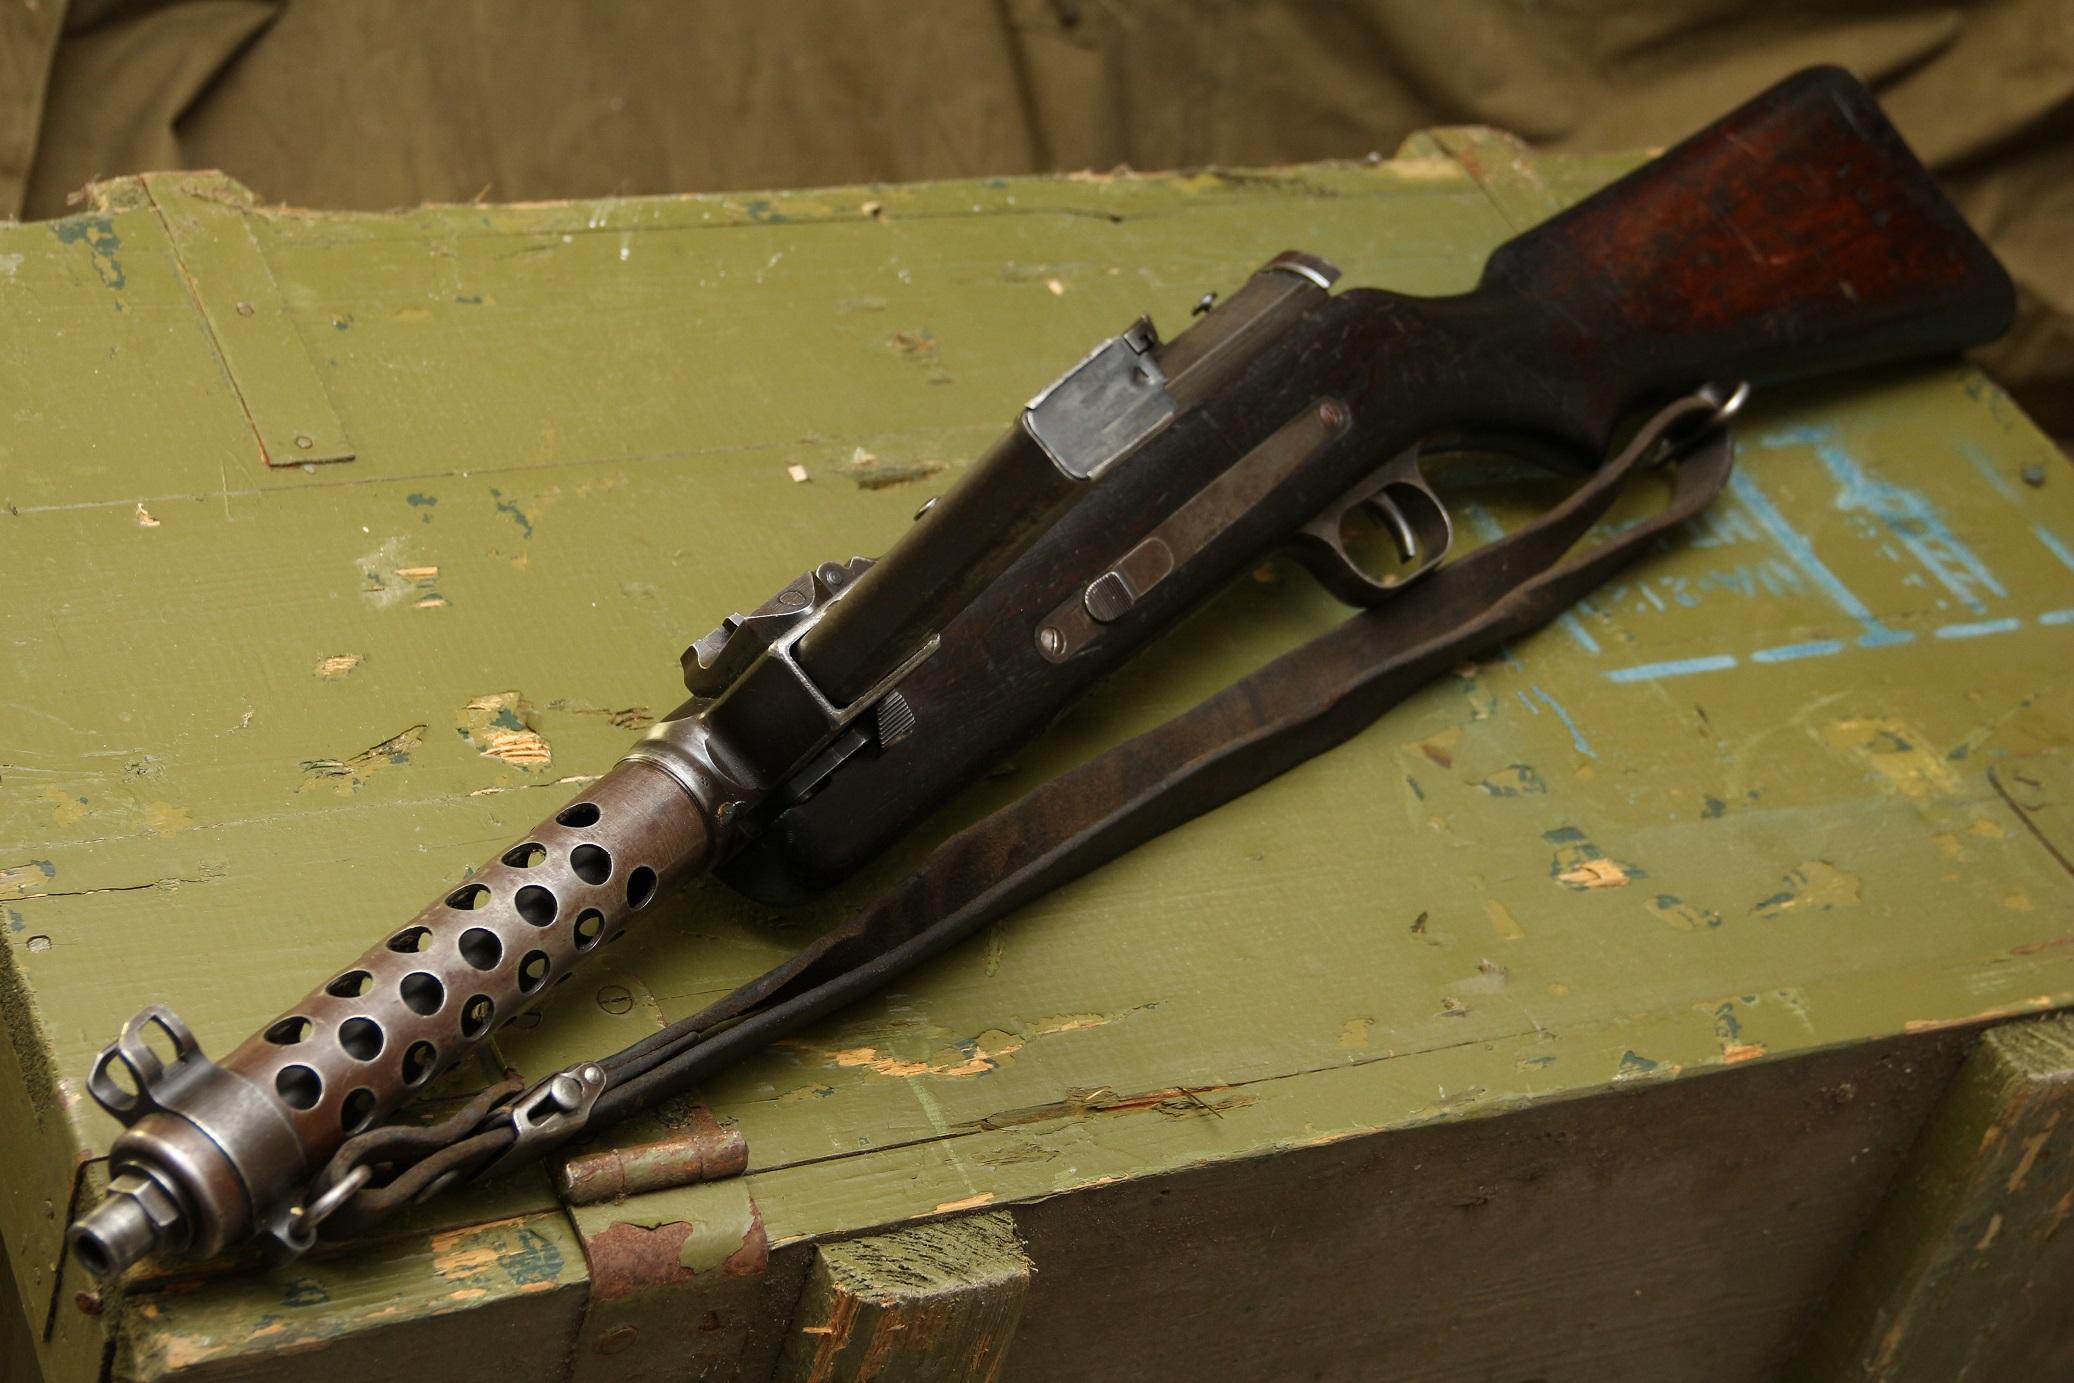 Фото Пистолет-пулемет Steyr-Solothurn S1-100 / MP34 #901, 1942 год, немецкая военная приемка